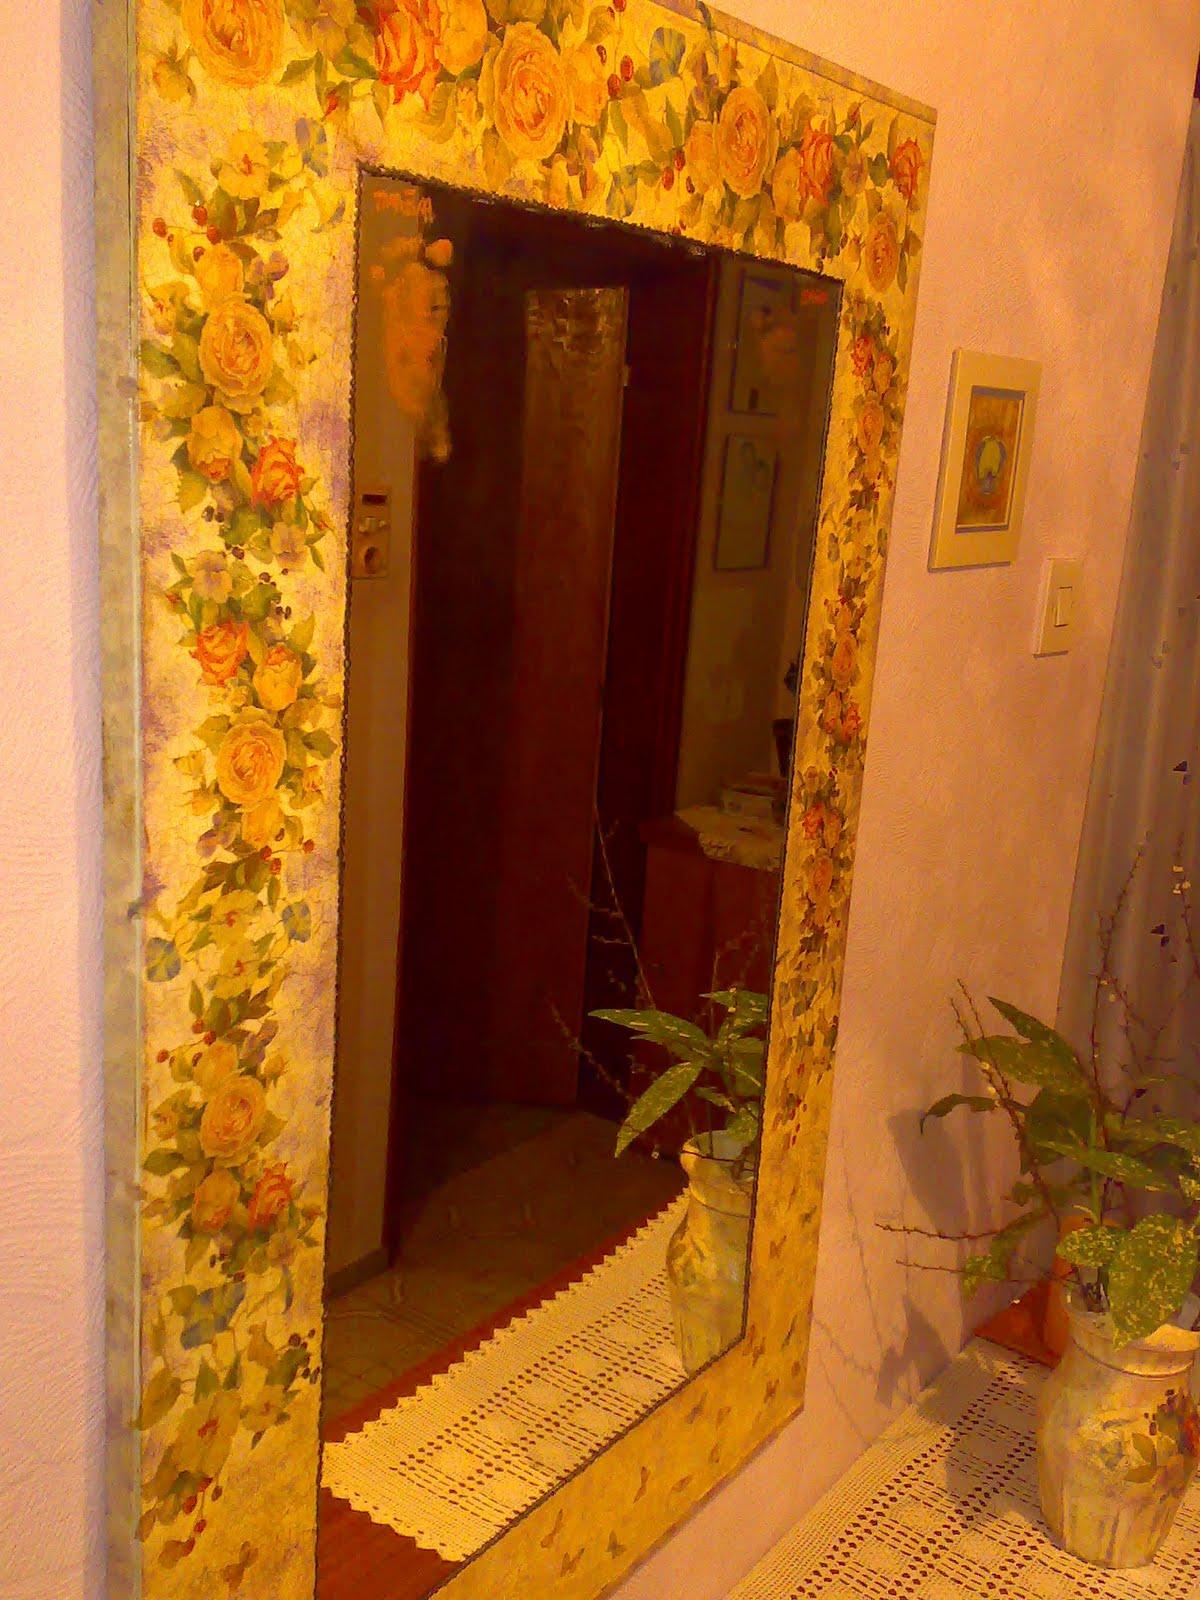 Dipingere salvare lo specchio un etto di colore - Lo specchio di carta ...